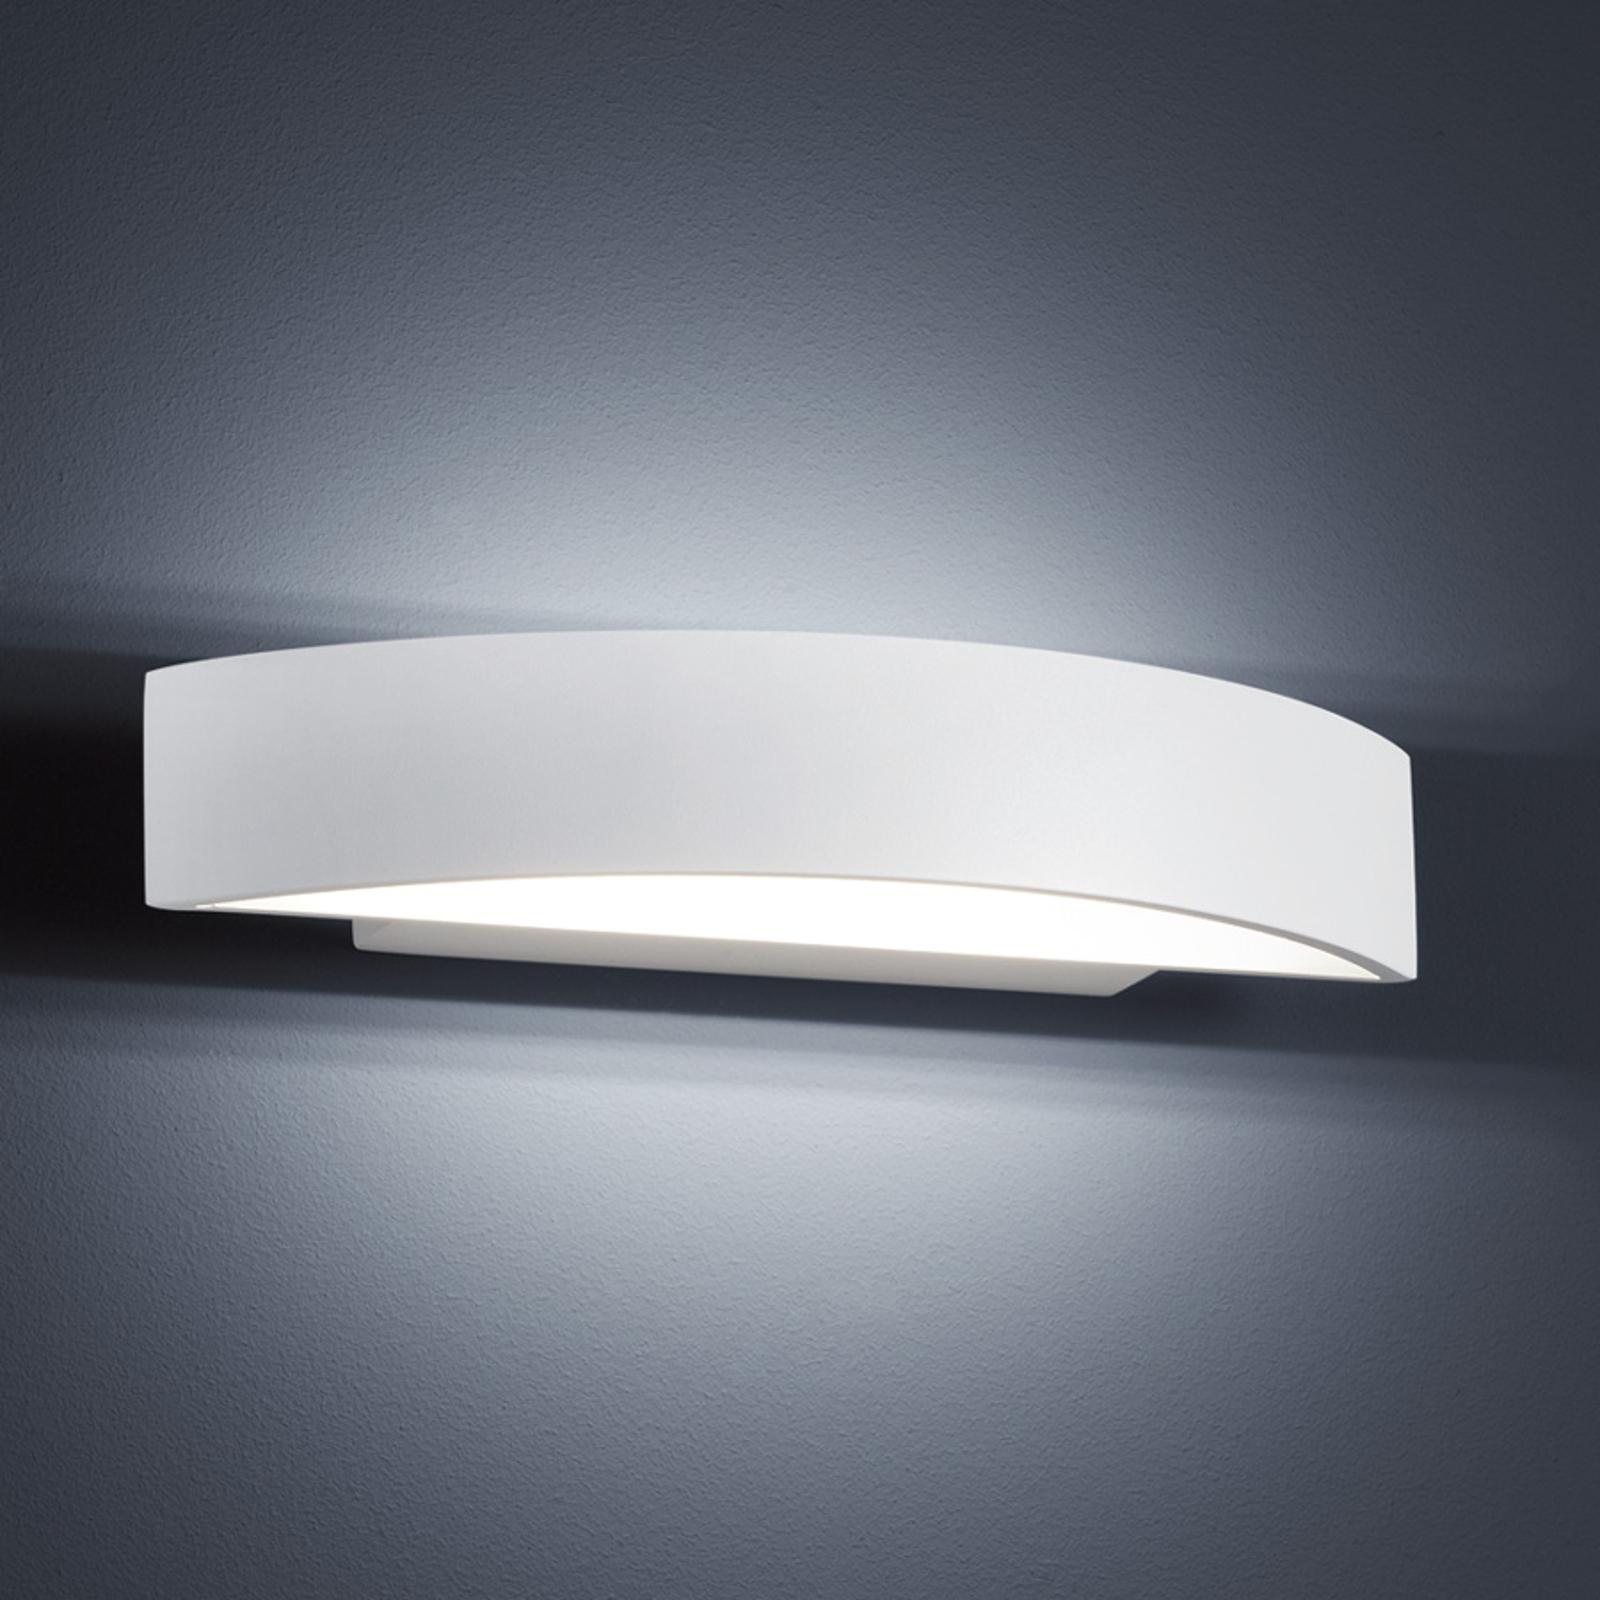 Helestra Yona LED-Wandlampe, weiß, 27,5 cm